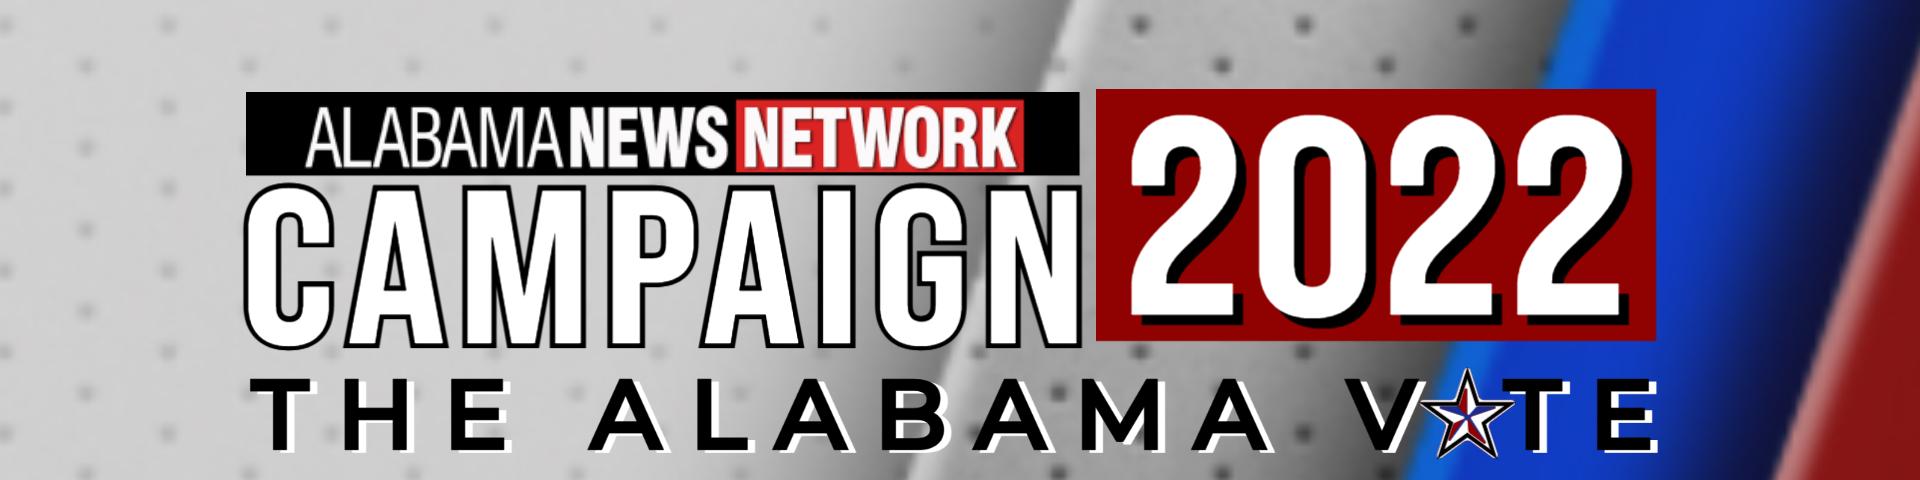 Campaign 2022